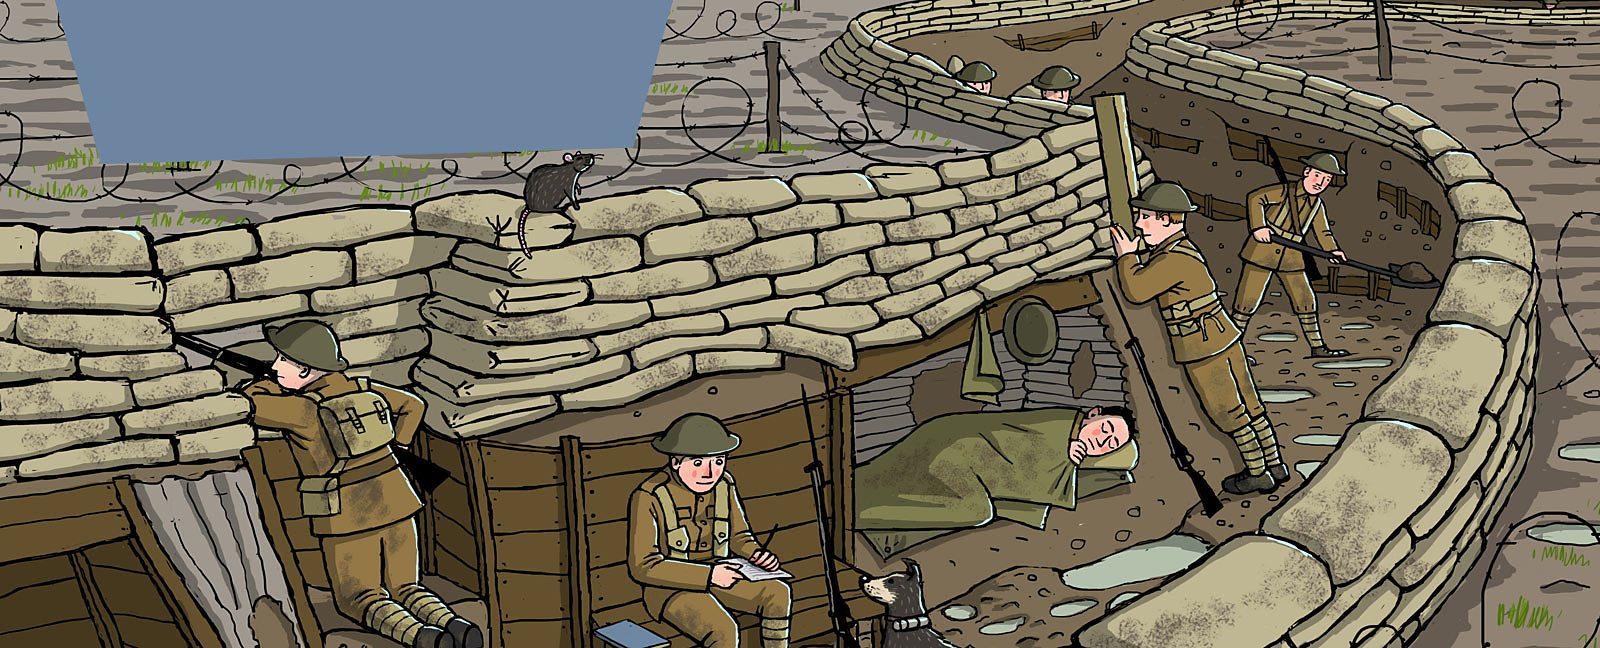 Ww1 Trench Warfare Diagram Front Line Trench Ww1 Diagram